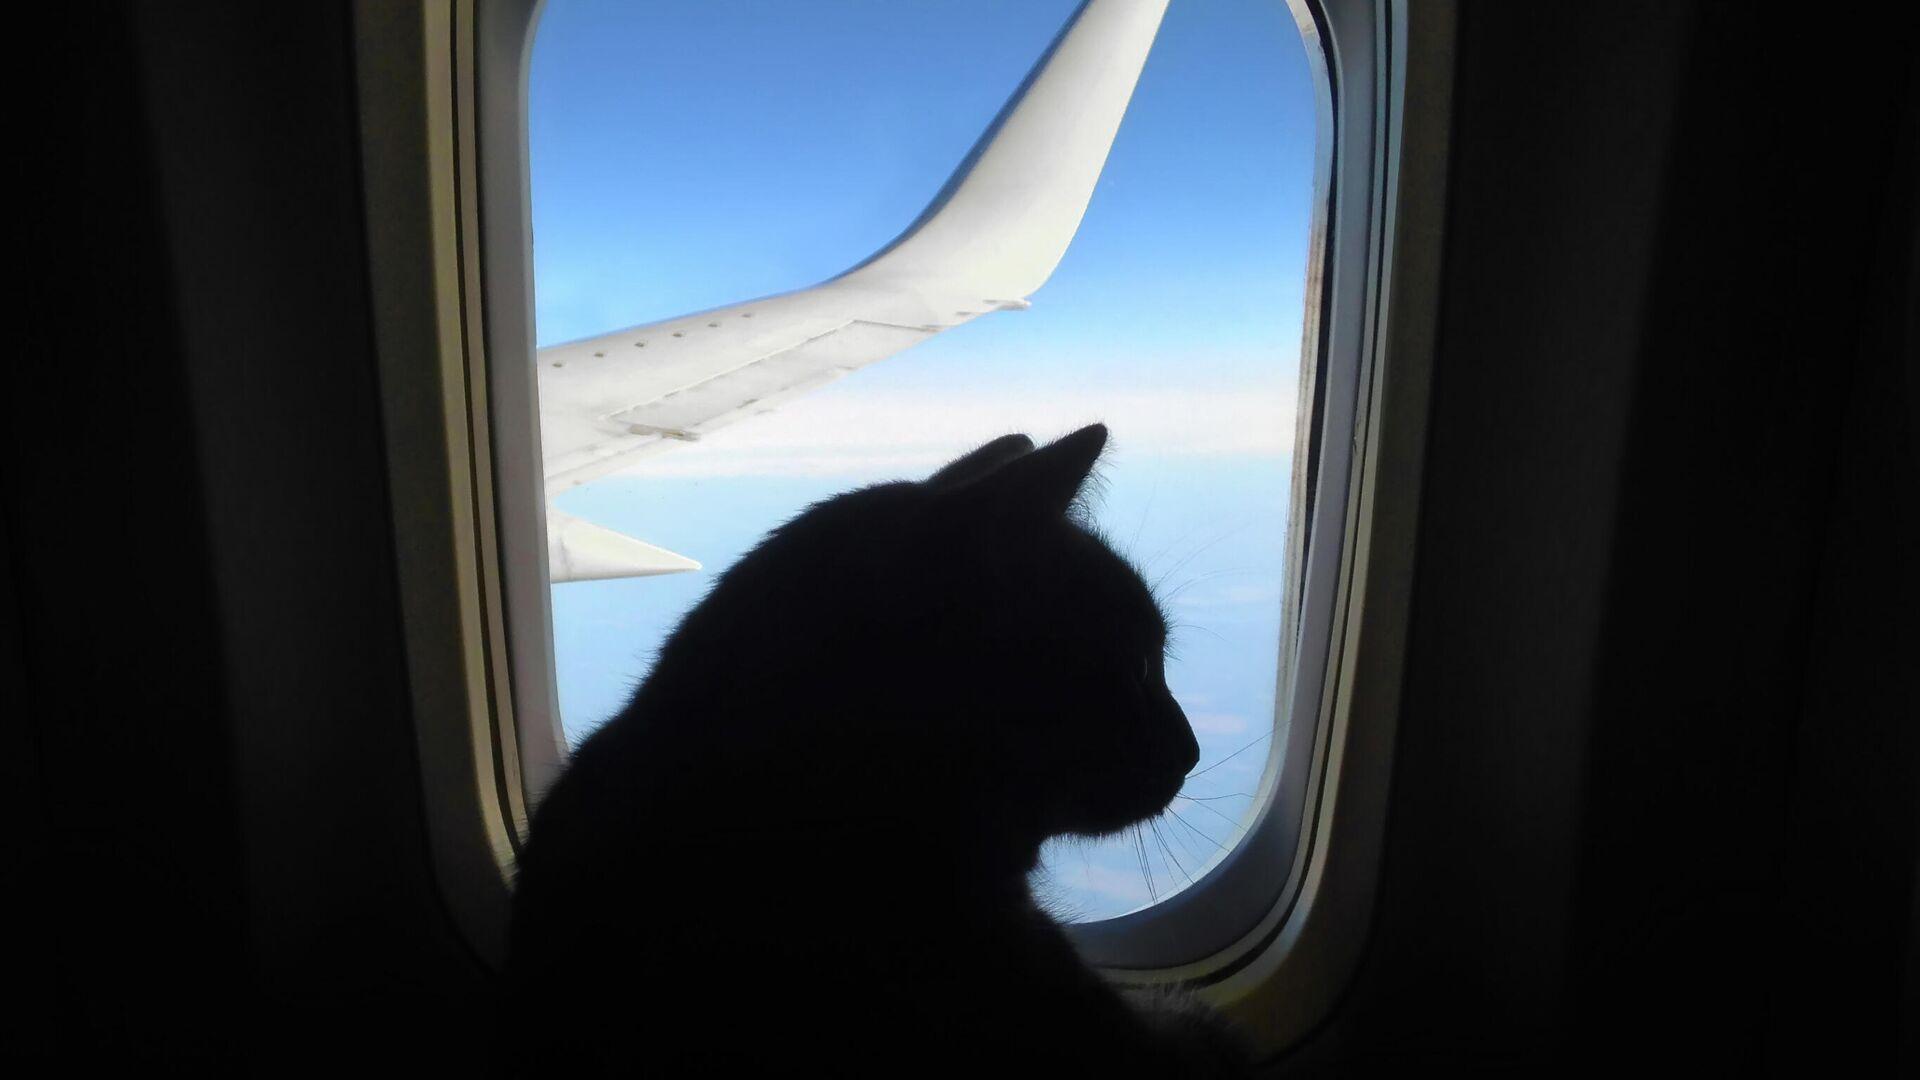 """1562453593 0:256:2731:1792 1920x0 80 0 0 71426df3b7078200da90b5c1bb0f34f4 - Пассажиры авиакомпании """"ЮТэйр"""" смогут перевозить животных на соседнем кресле"""